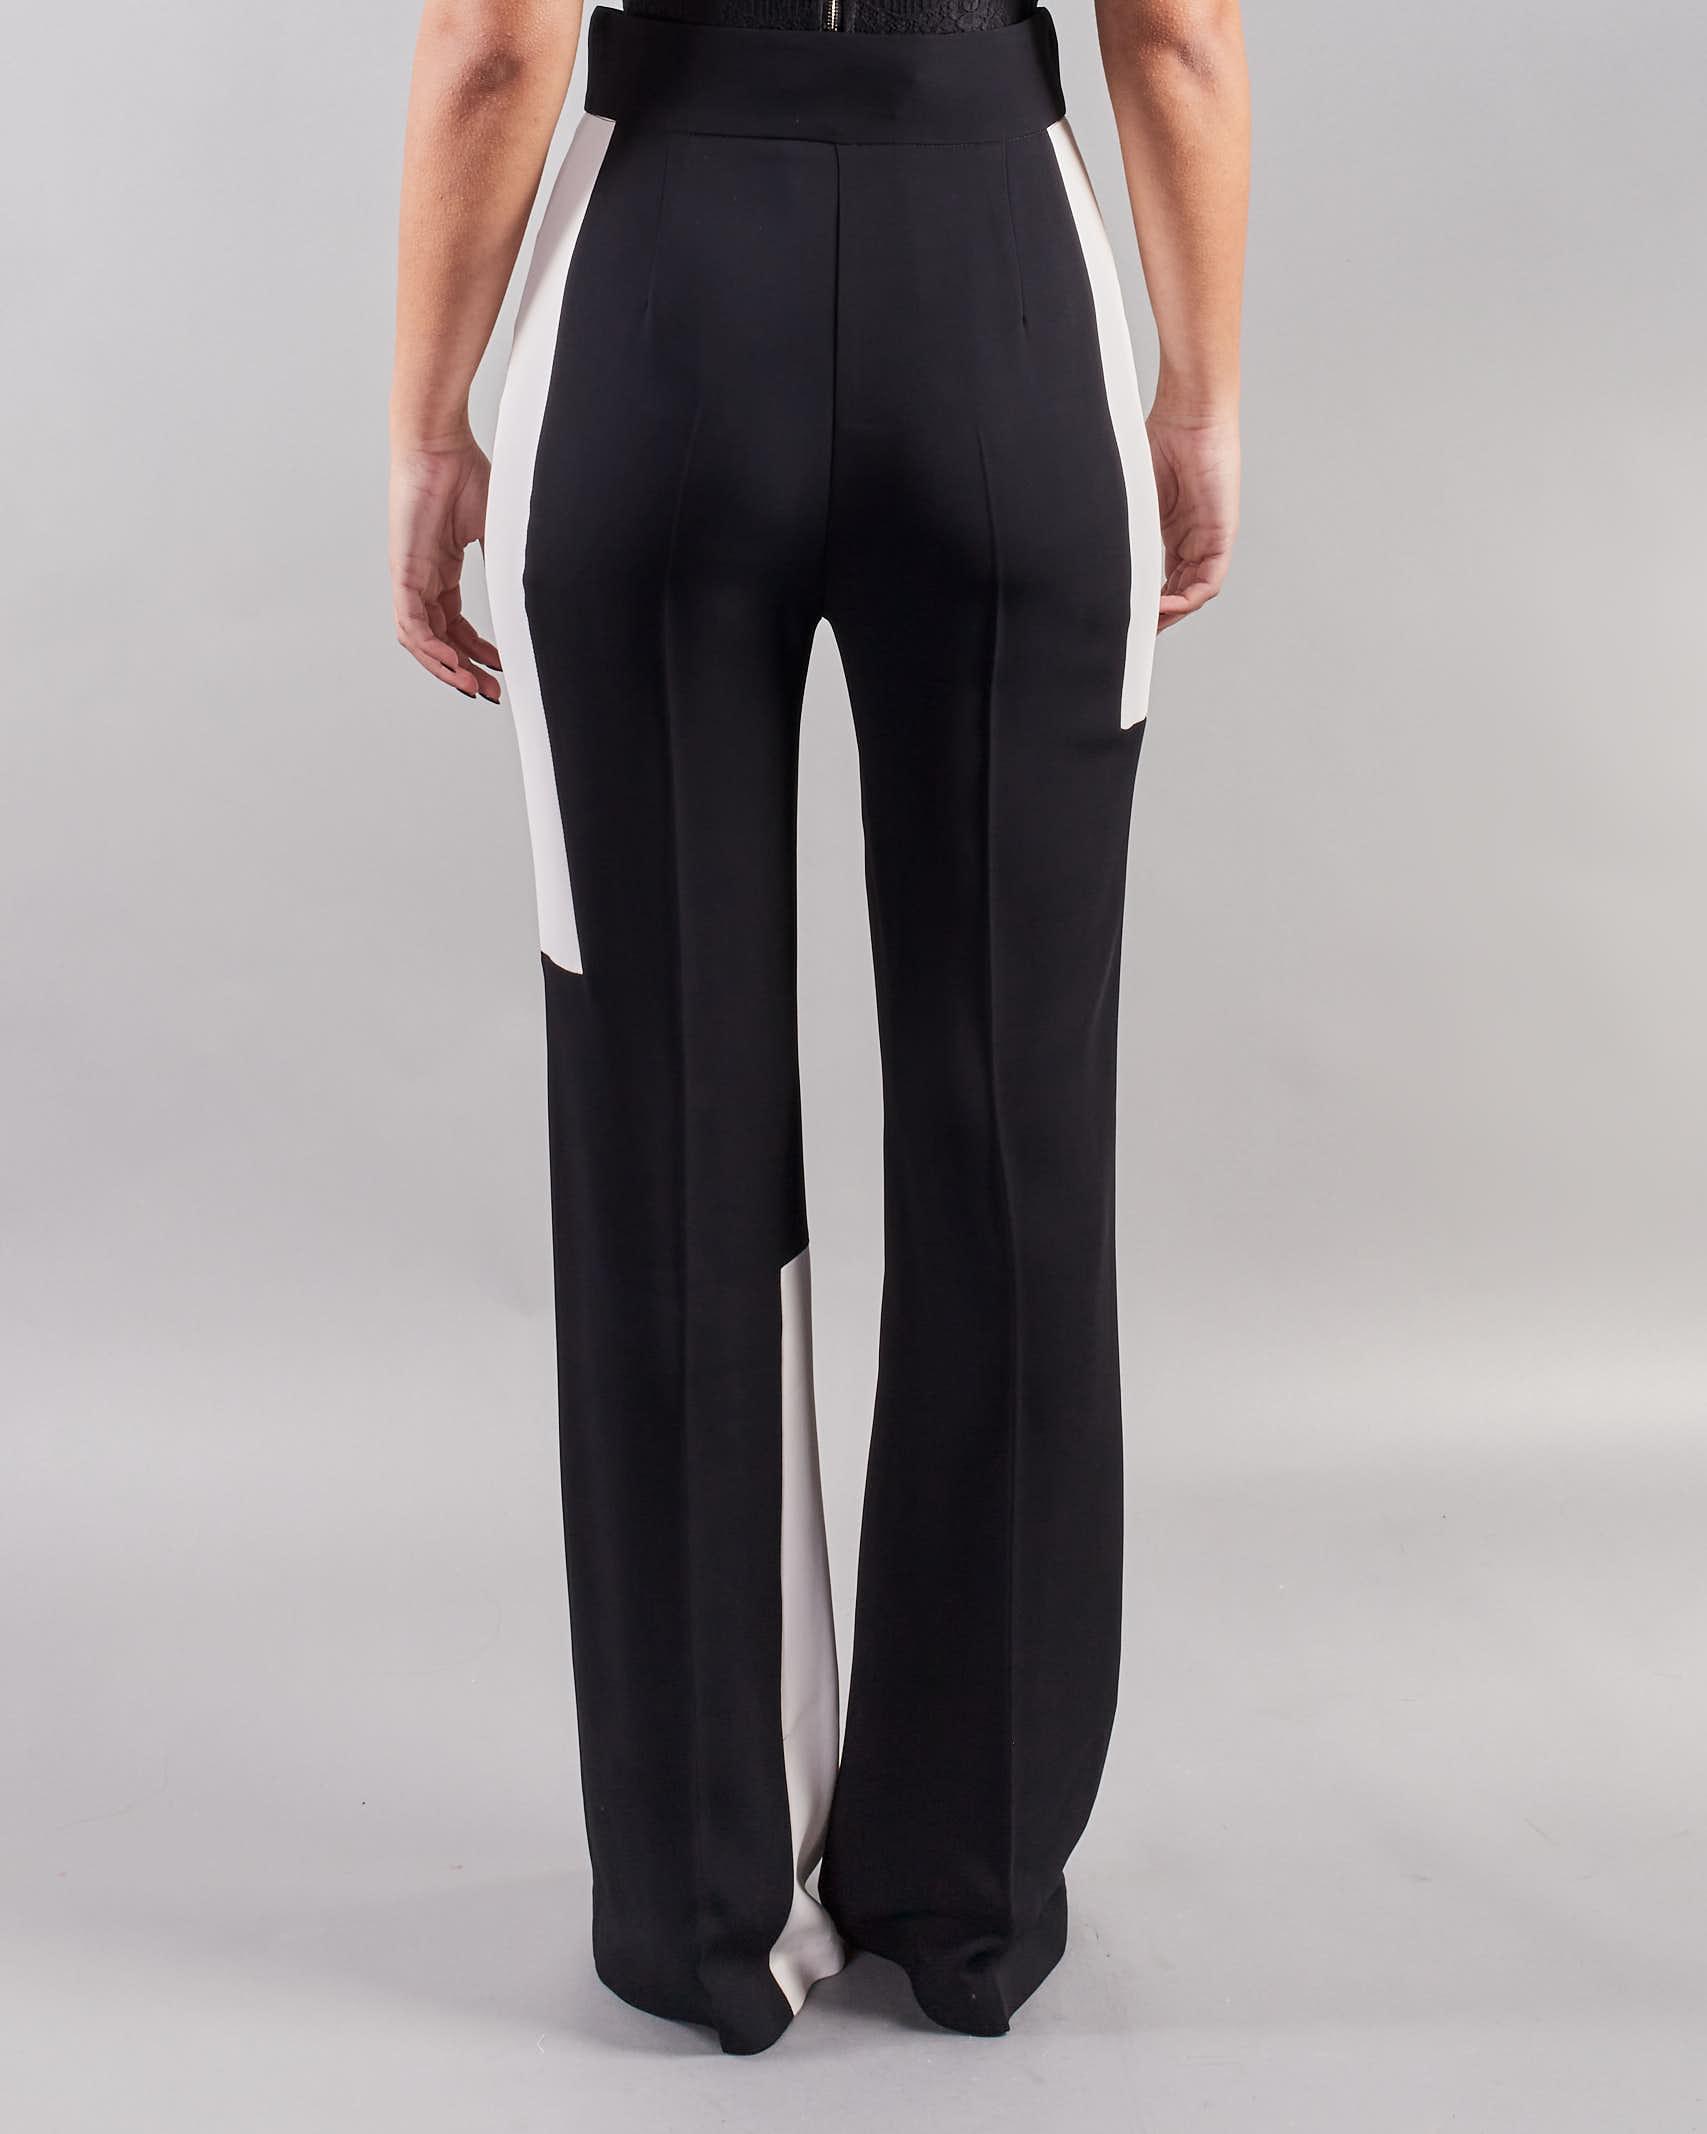 Pantalone bicolor a vita alta Simona Corsellini SIMONA CORSELLINI | Pantalone | PA00301TCAD0001381